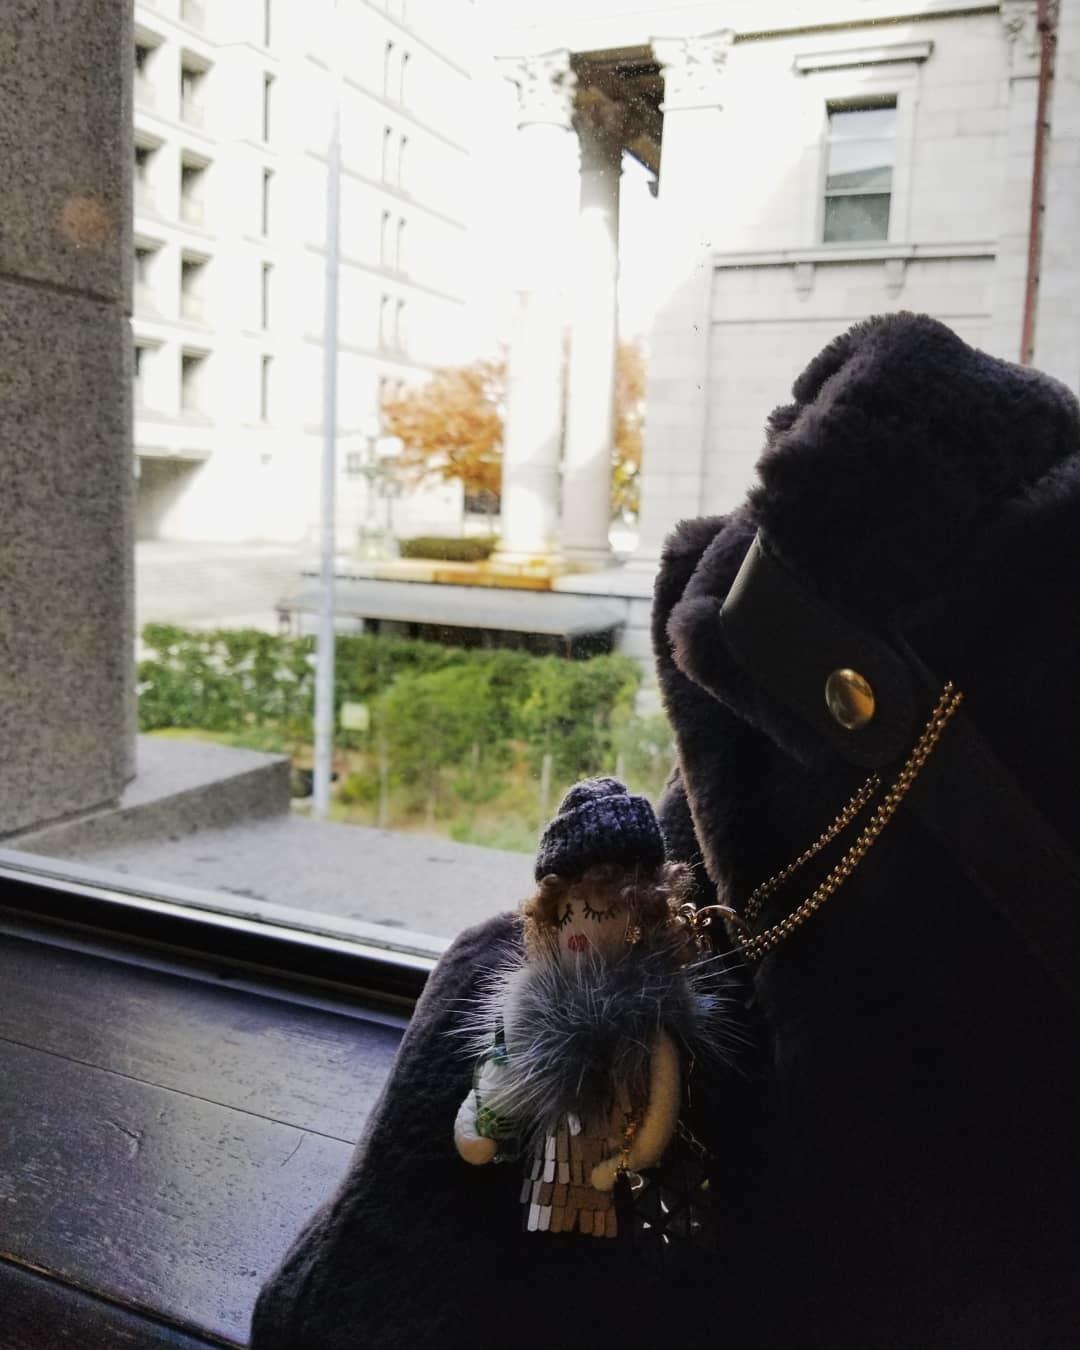 スモーブローキッチン ナカノシマ * 大阪府立中之島図書館内の北欧カフェ♪_f0236260_06292686.jpg